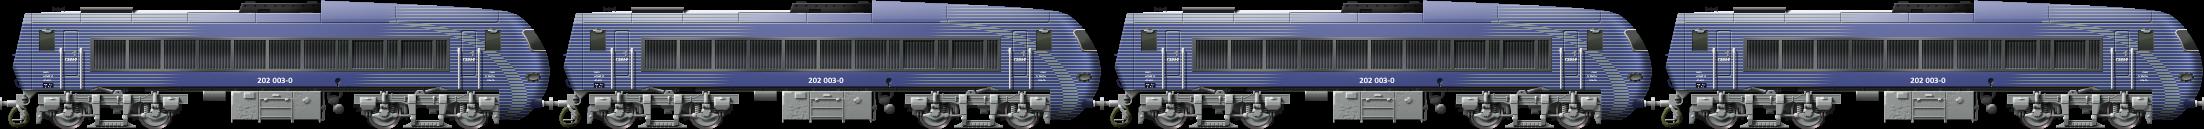 DB 202 003 Quad